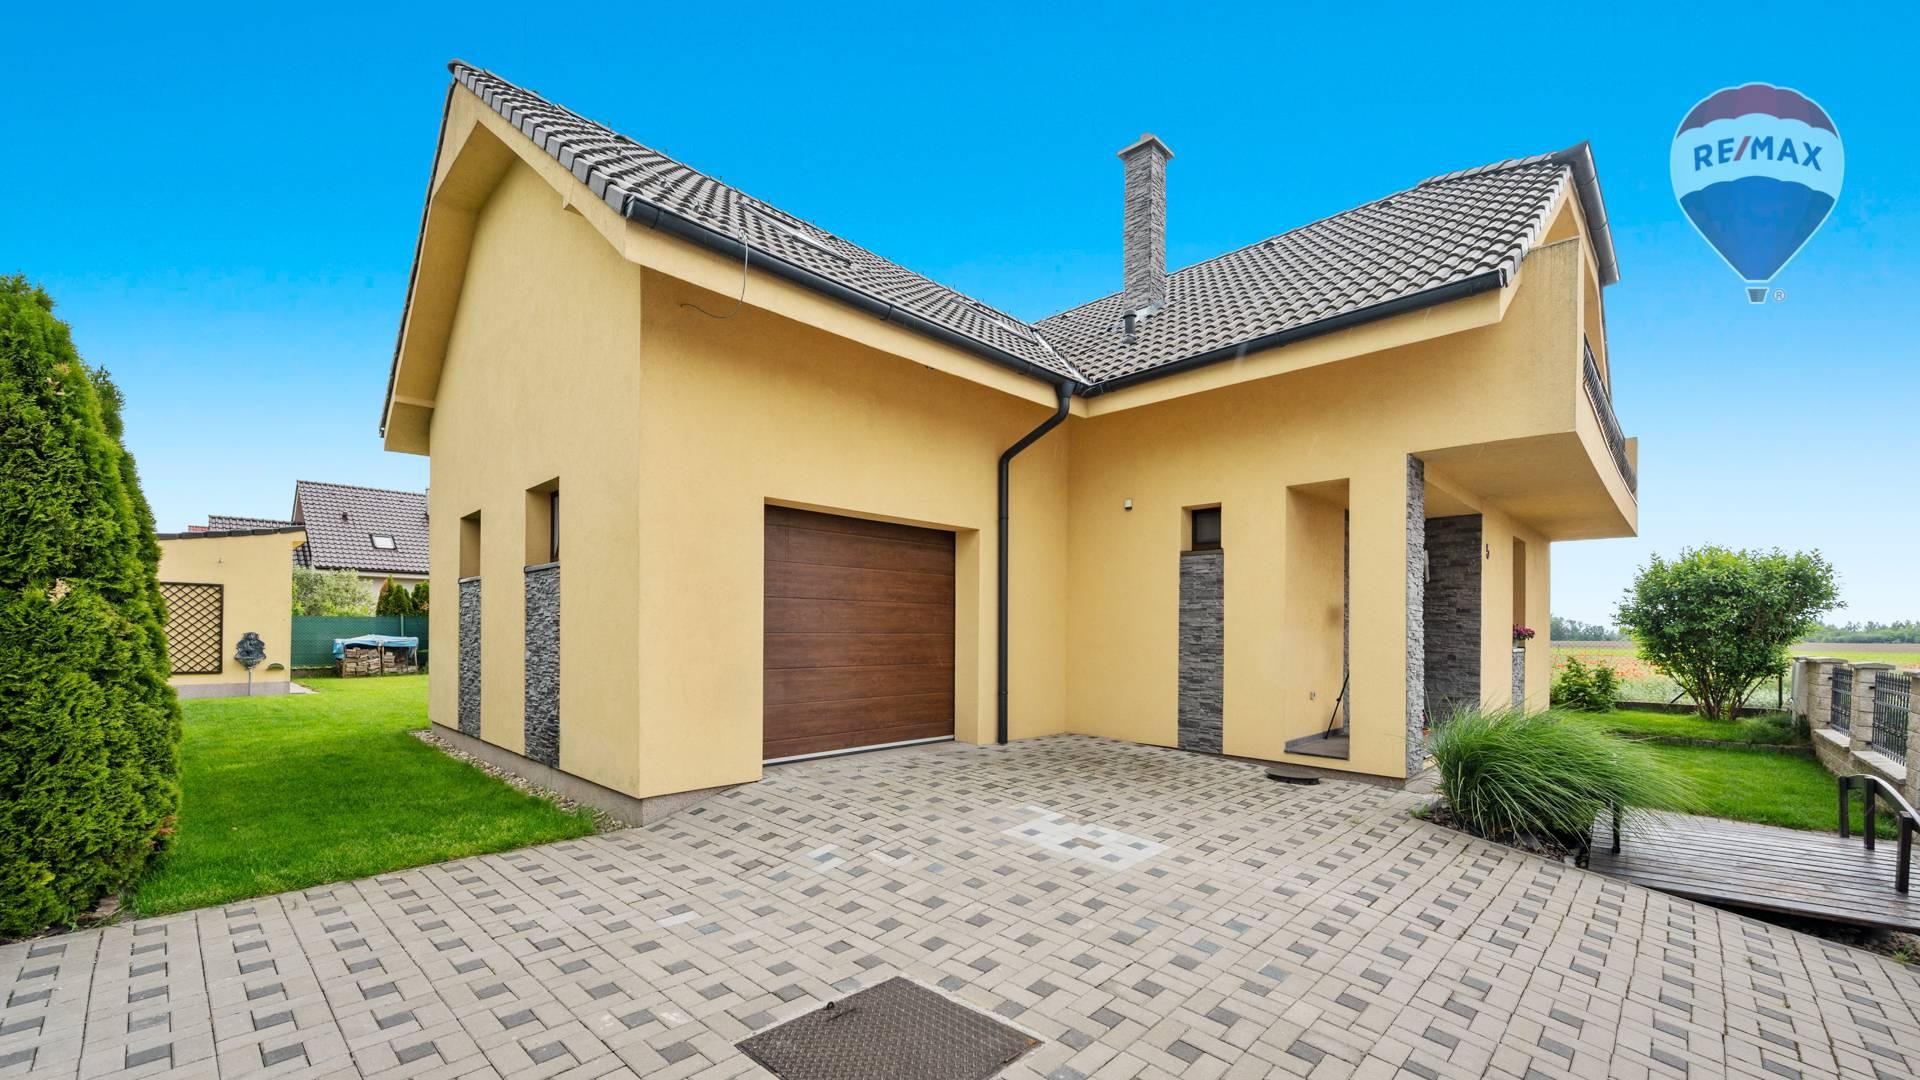 Predaj domu 158 m2, Tomášov - Exteriér